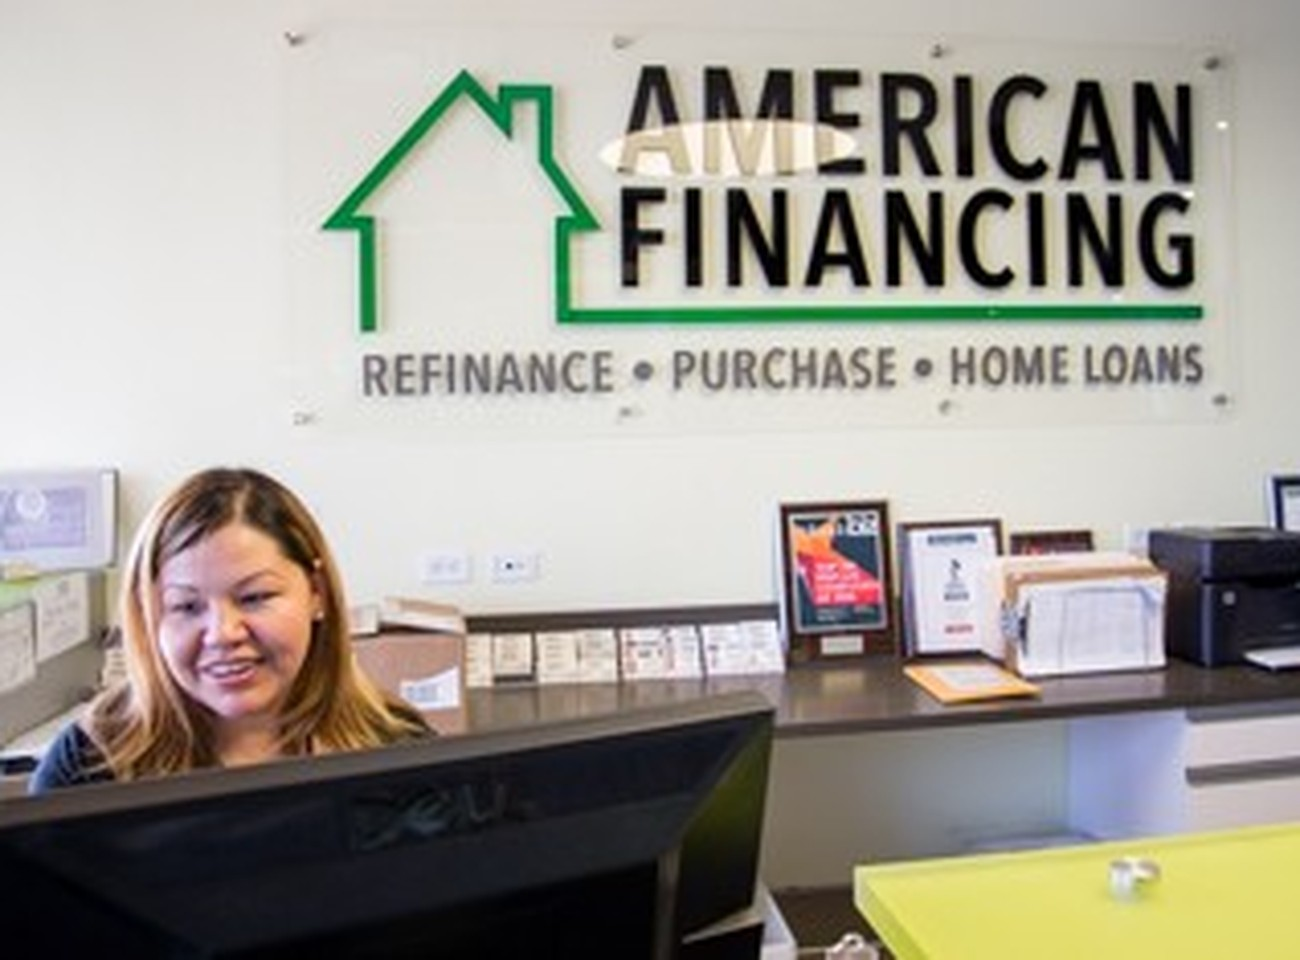 American Financing Careers